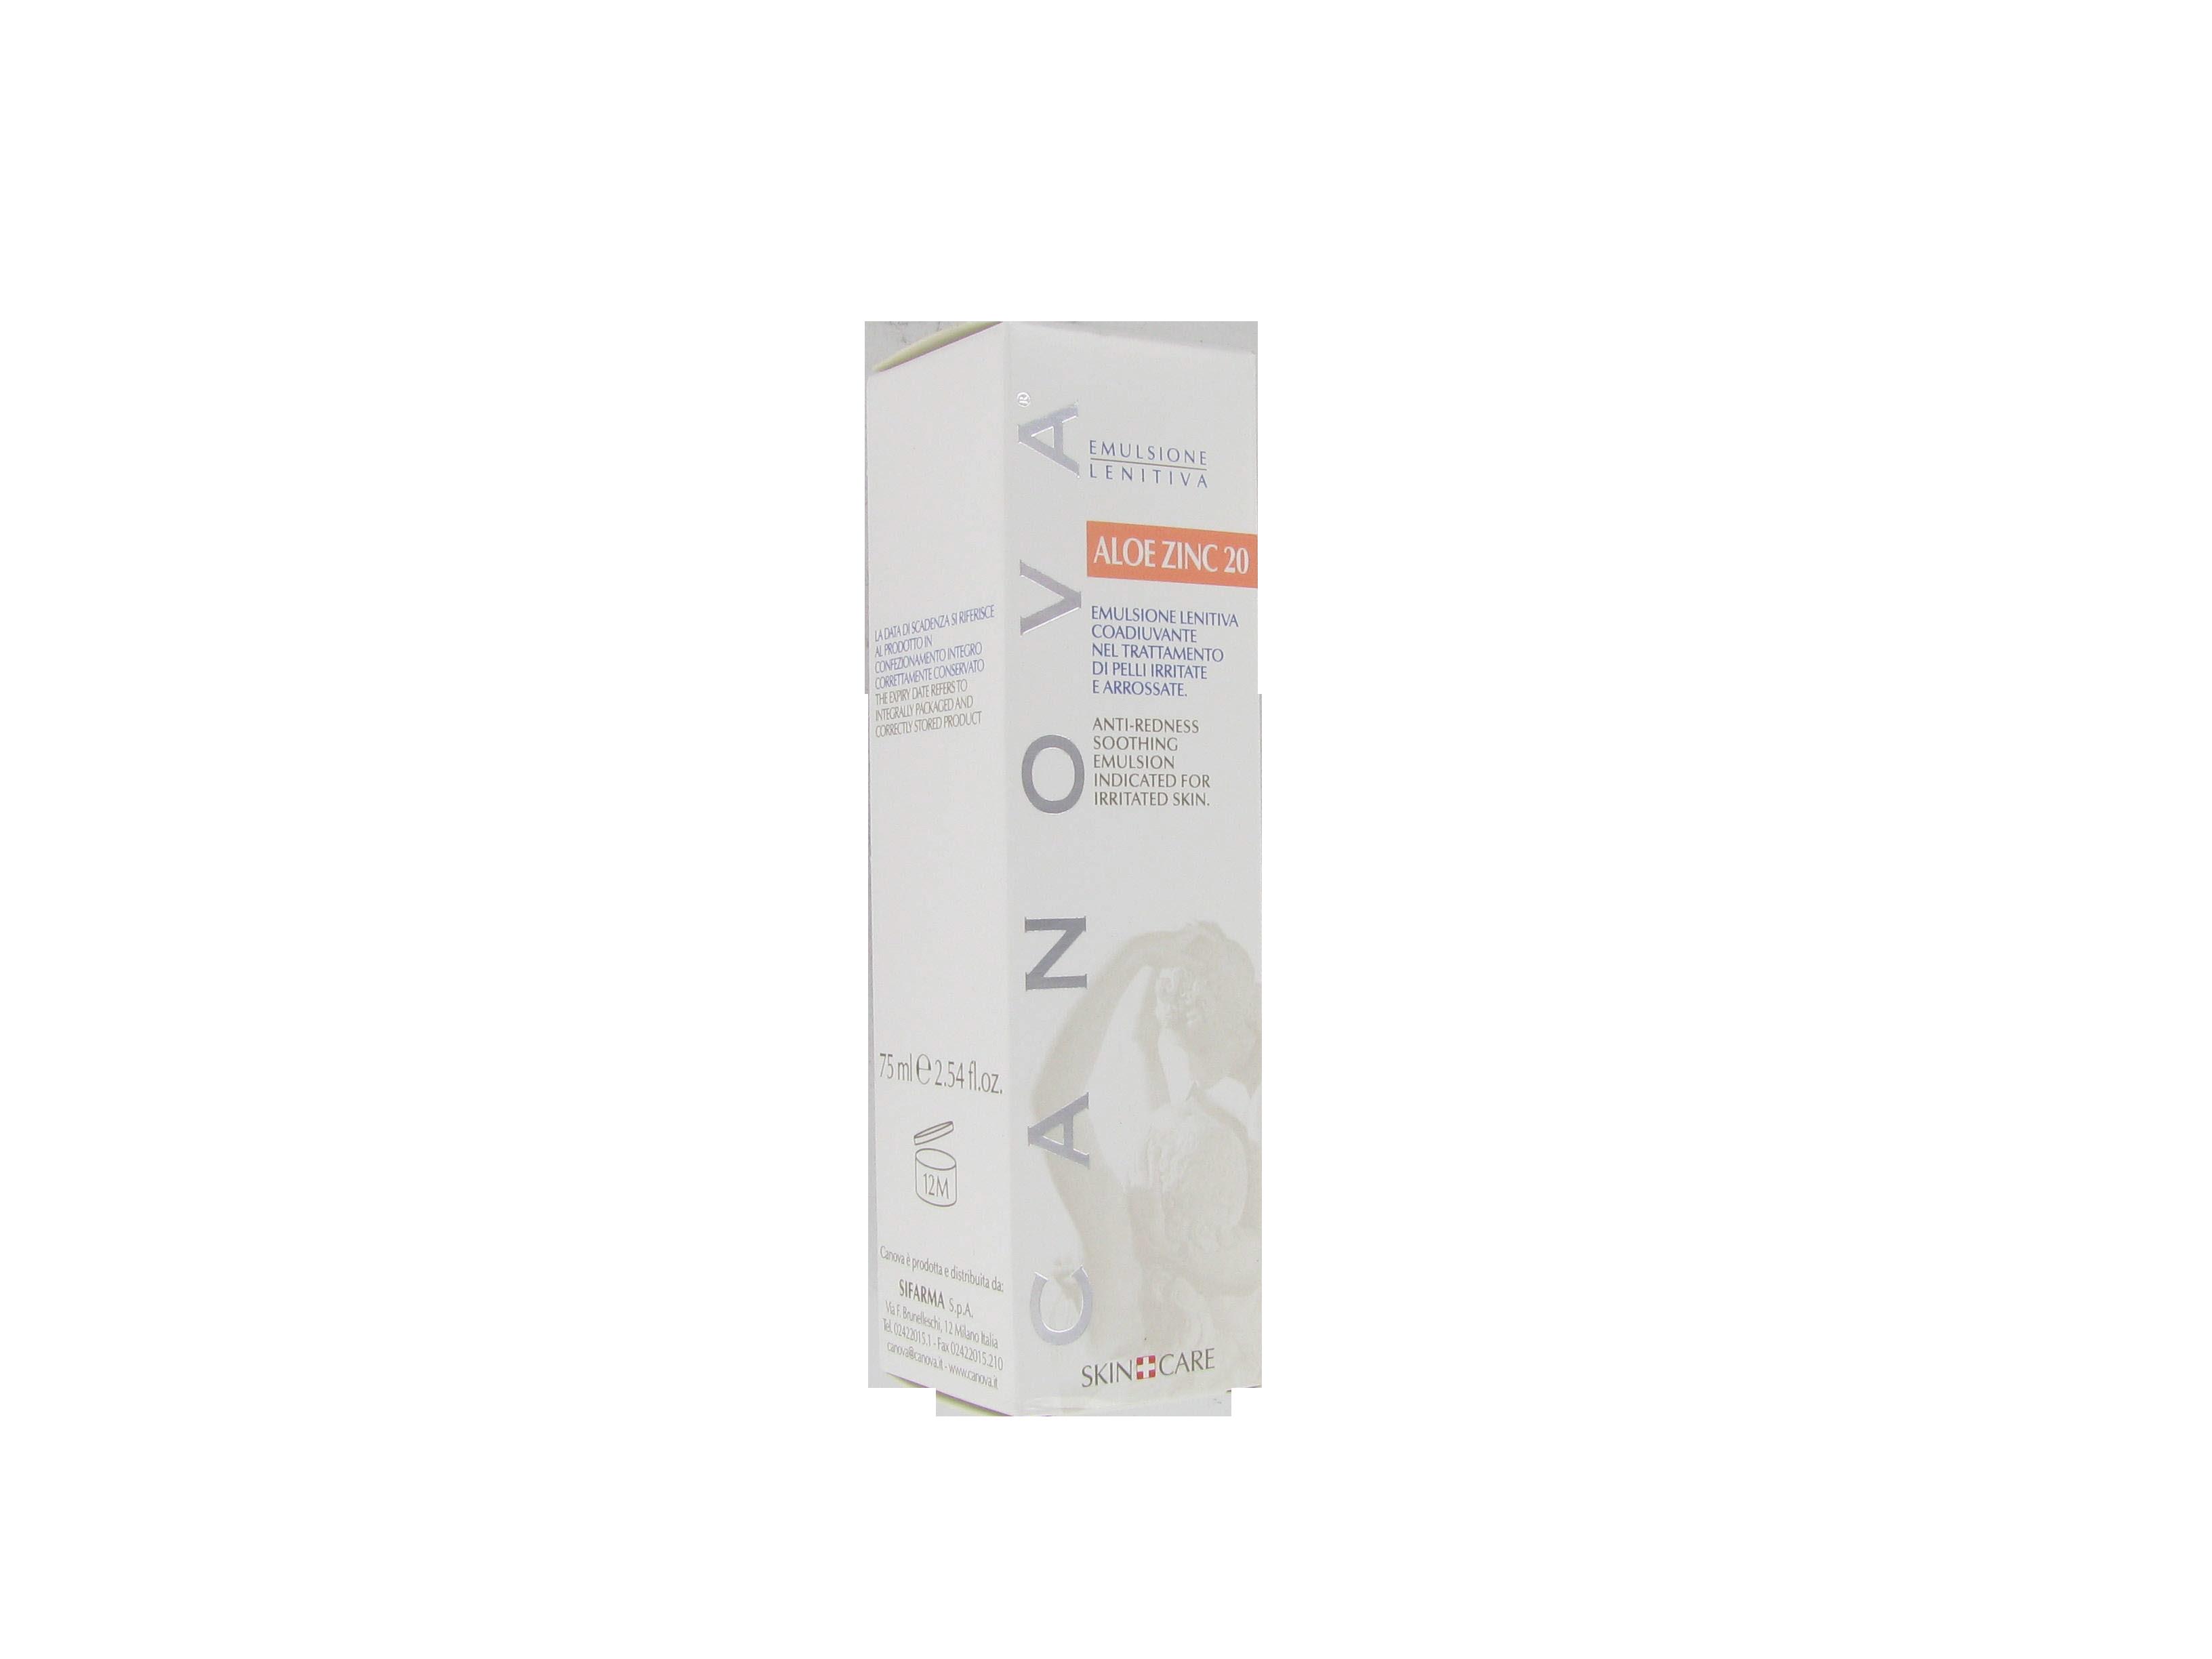 aloe zinc 20 emulsione lenitiva